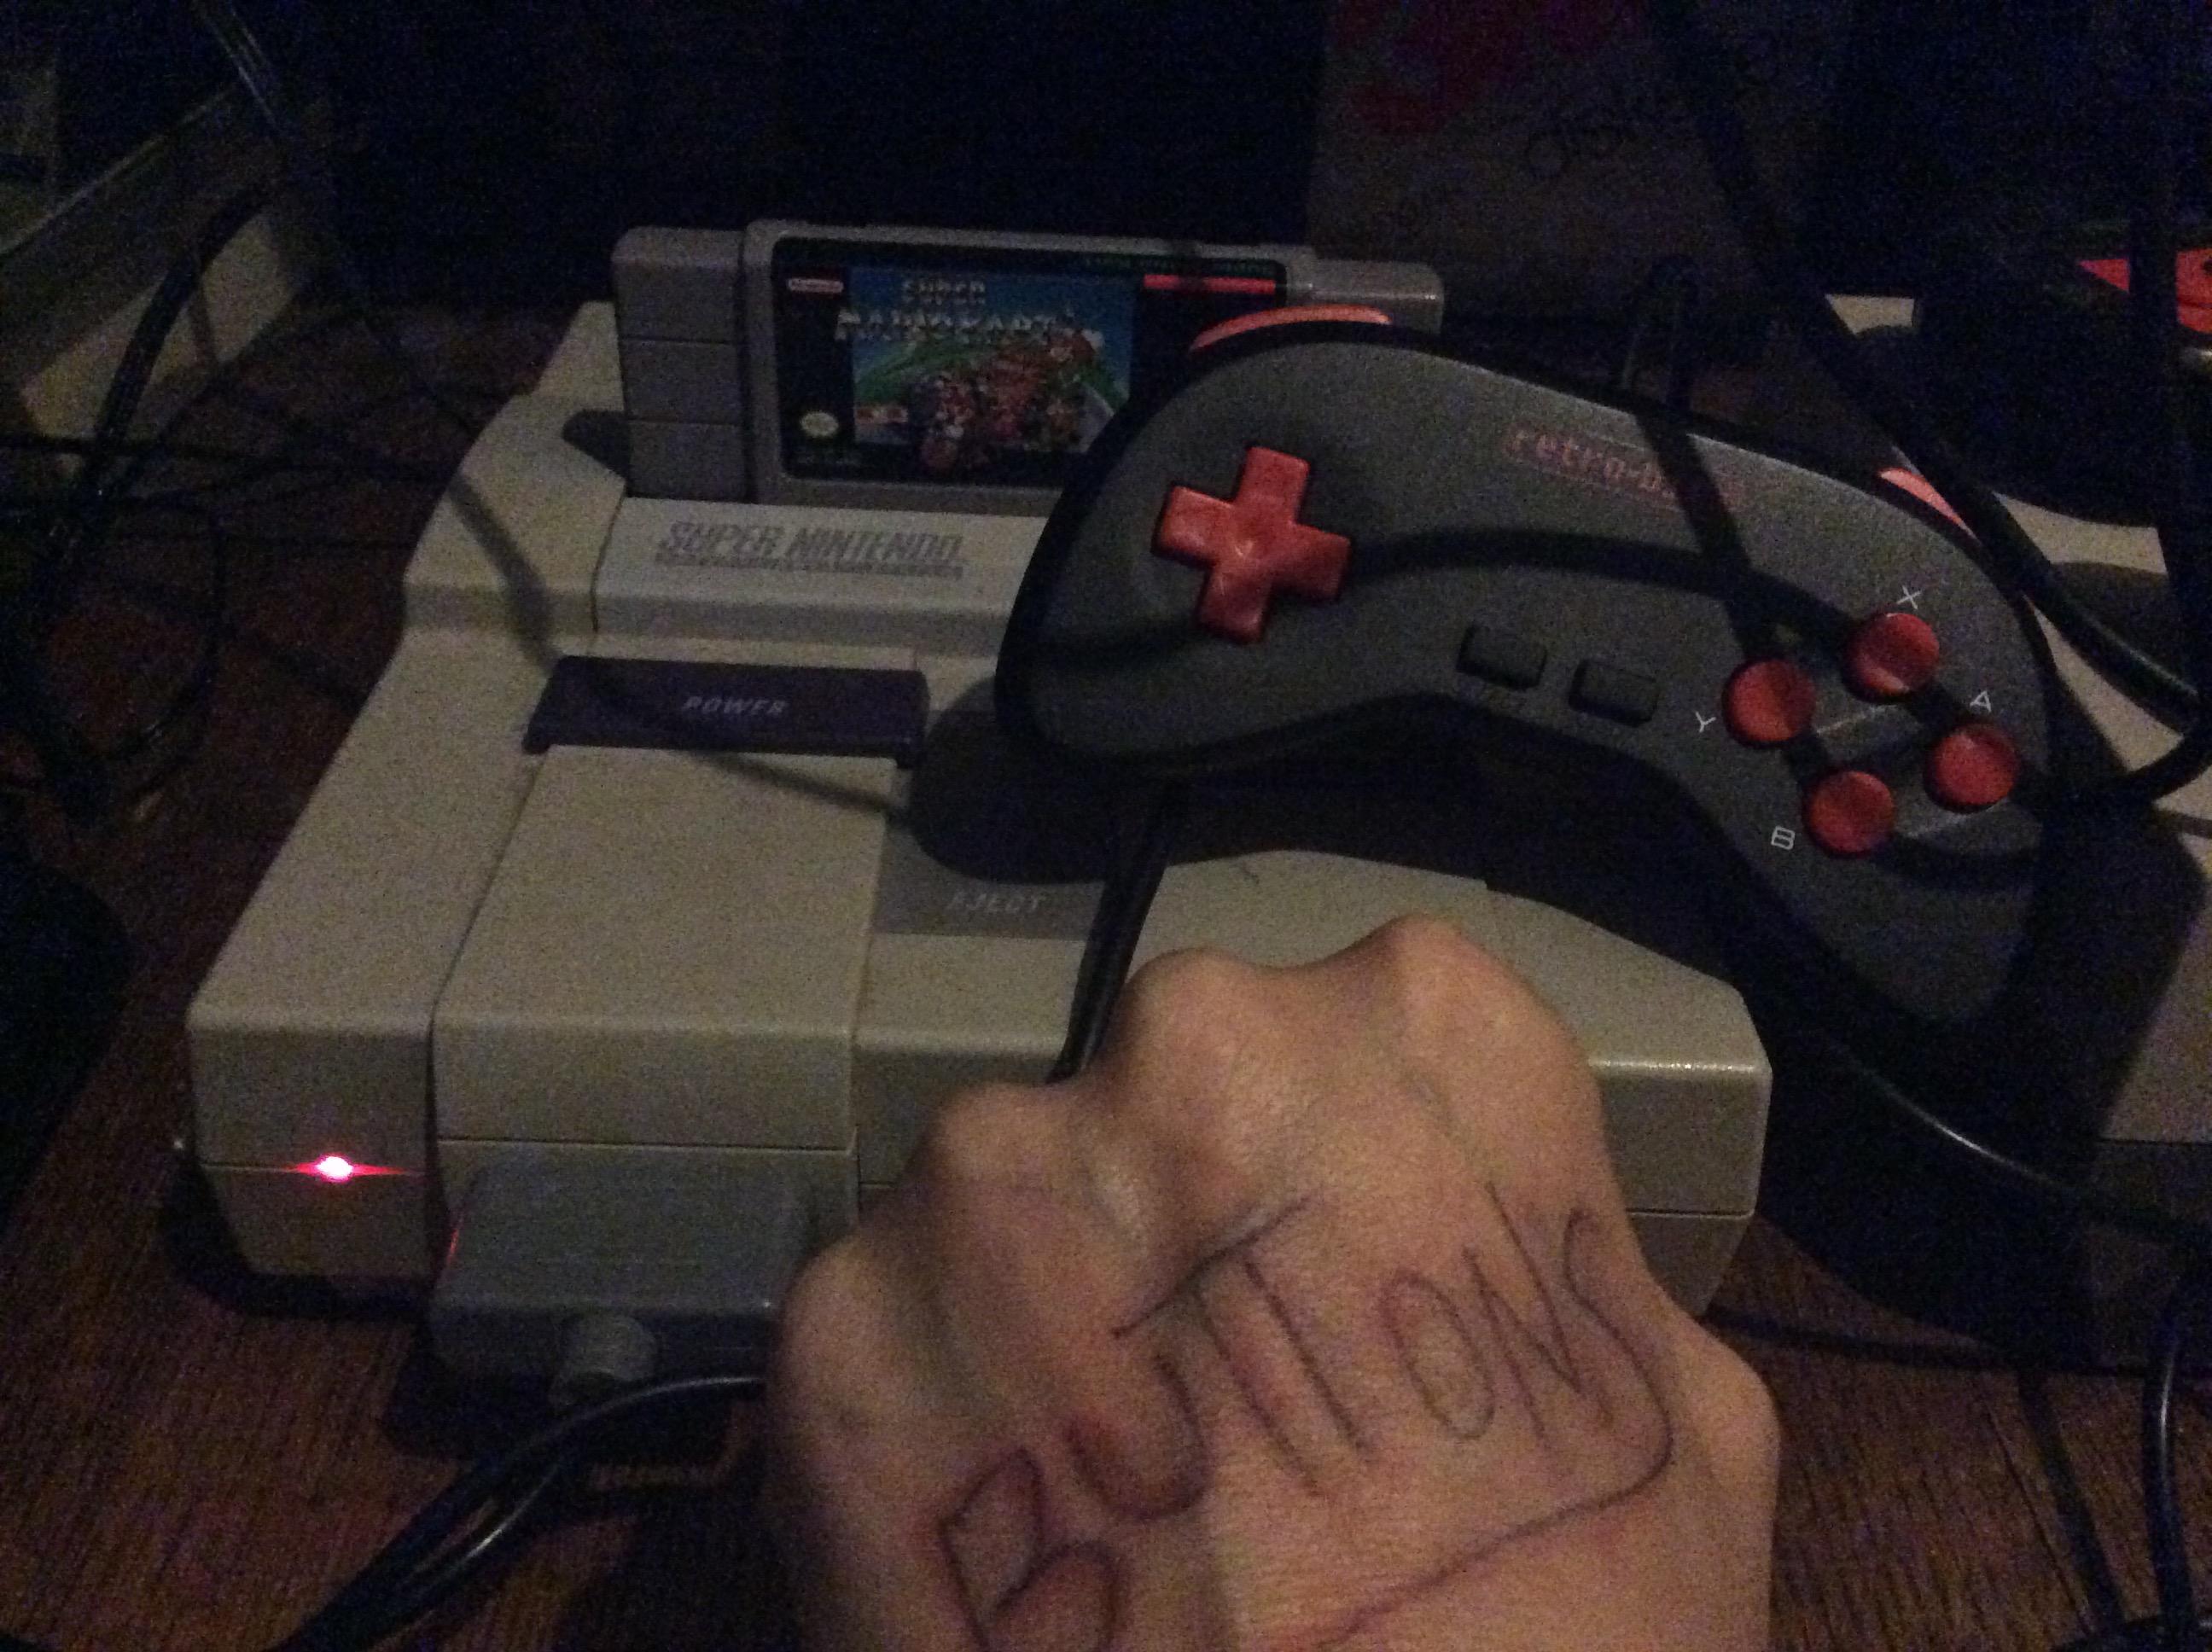 Super Mario Kart: Bowser Castle 1 [50cc] [Lap Time] time of 0:00:22.36